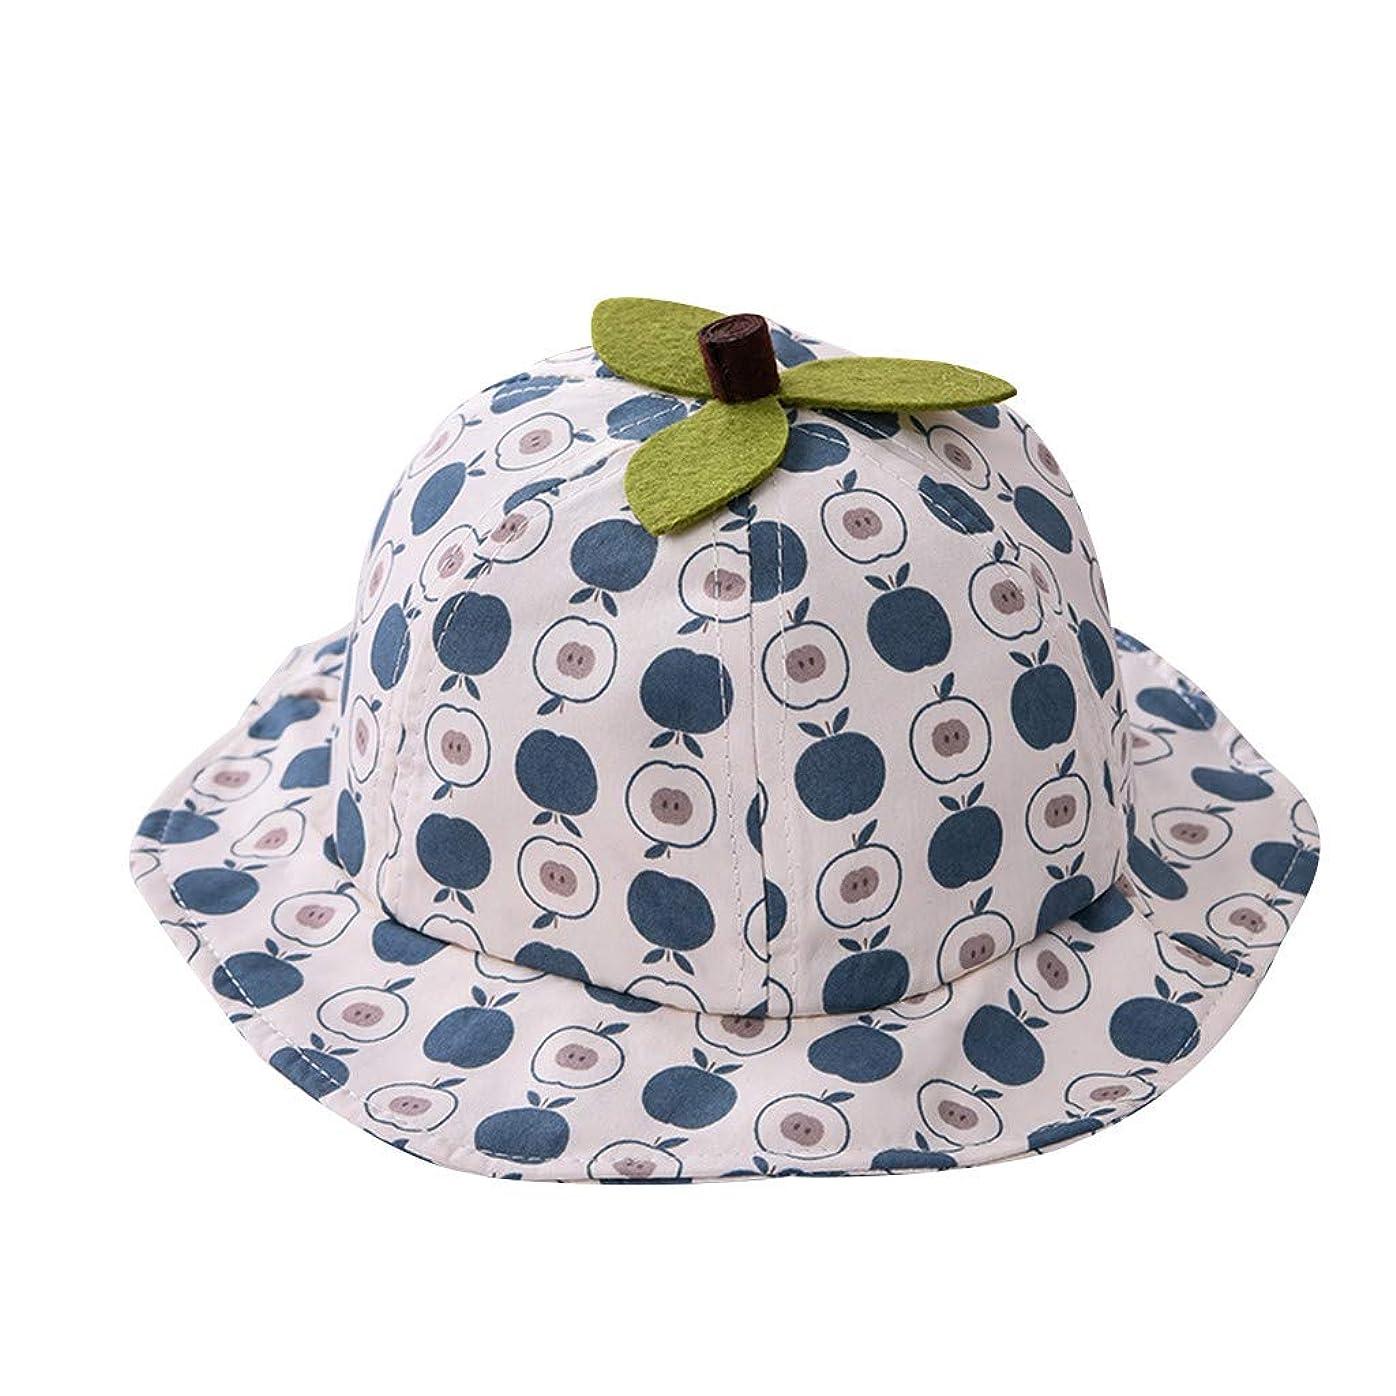 夕方ビルダー城Kaiweini 春夏新しい漁夫帽UV 赤ちゃん ドット ベースボールキャップ 男の子 女の子 UVカット 日焼け止め 子供 3-18ヶ月折りたたみ おしゃれ ベビー キッズ 帽子 野球帽